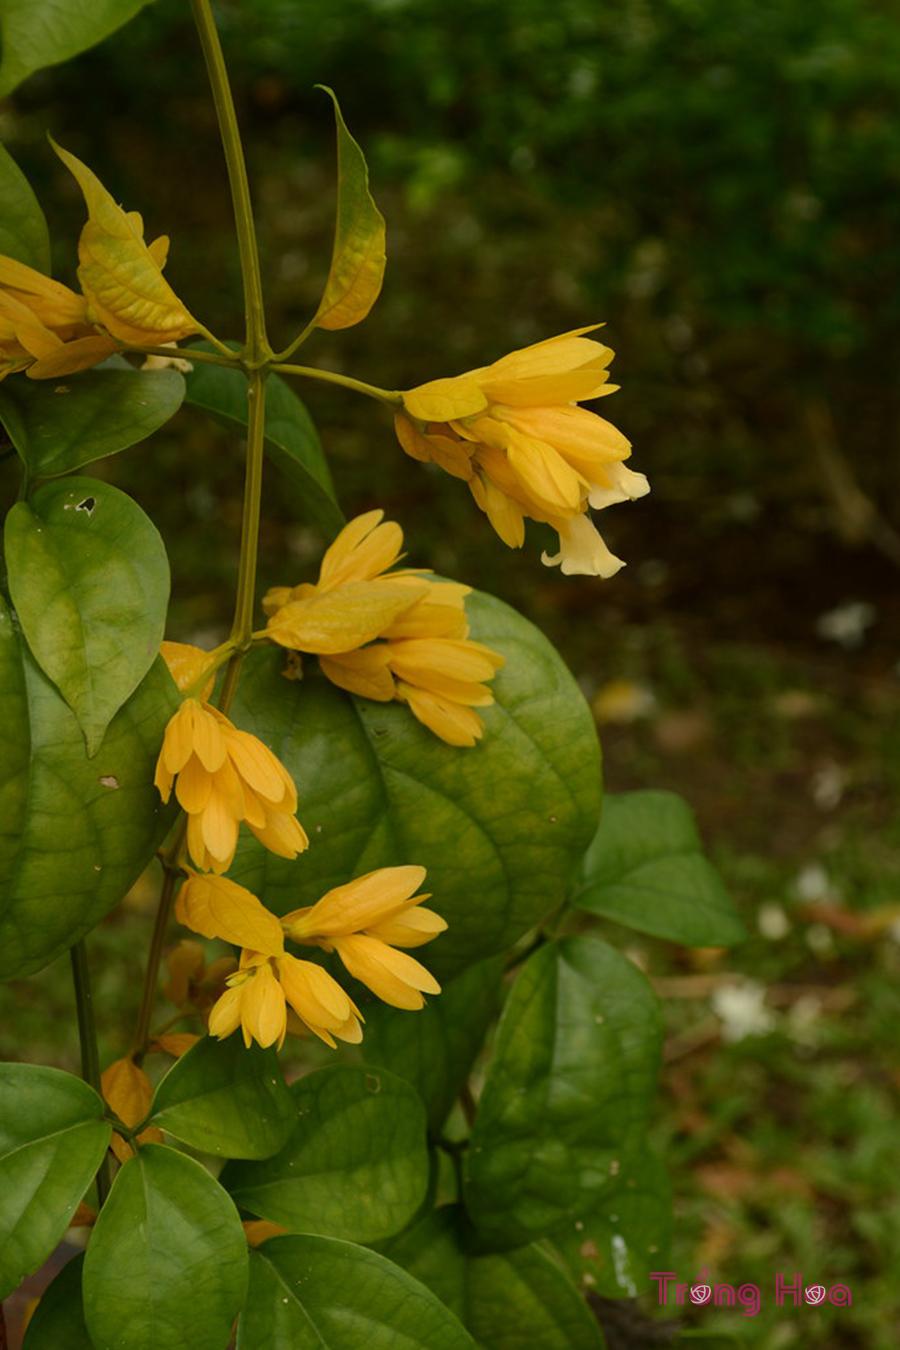 Tìm hiểu về cây hoa lan hoàng dương